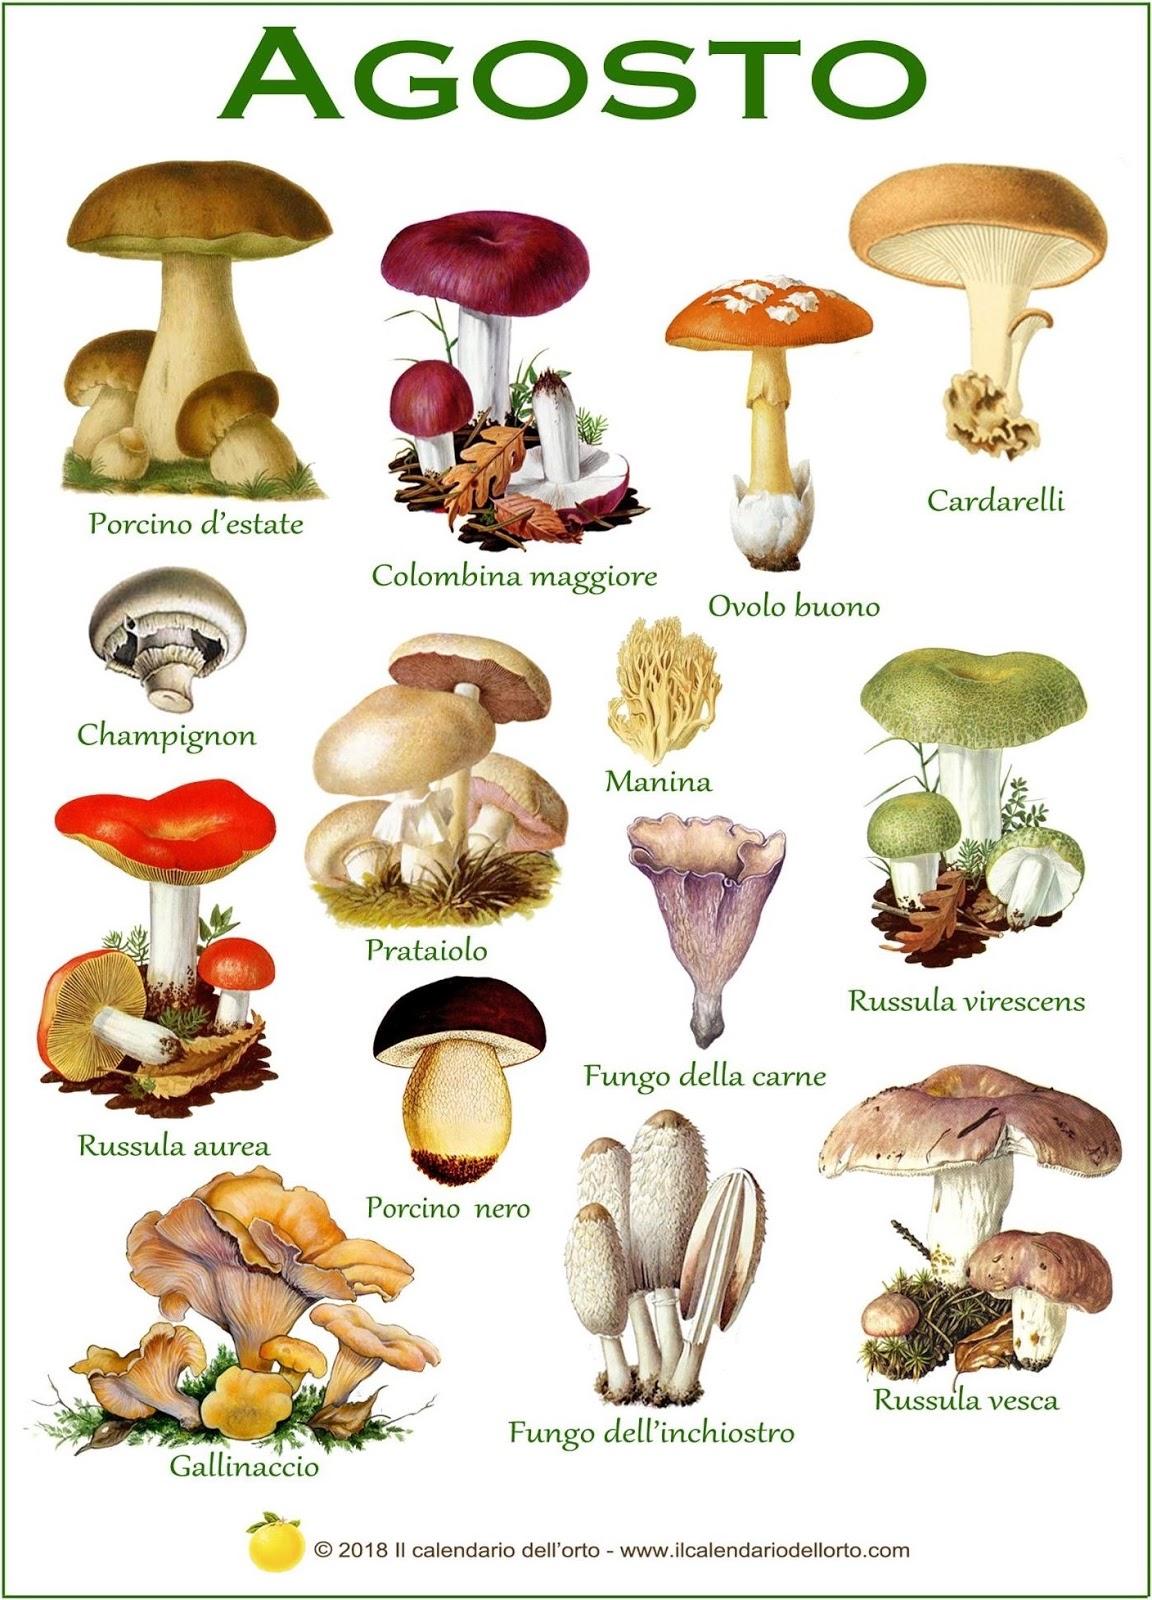 funghi che si trovano in agosto